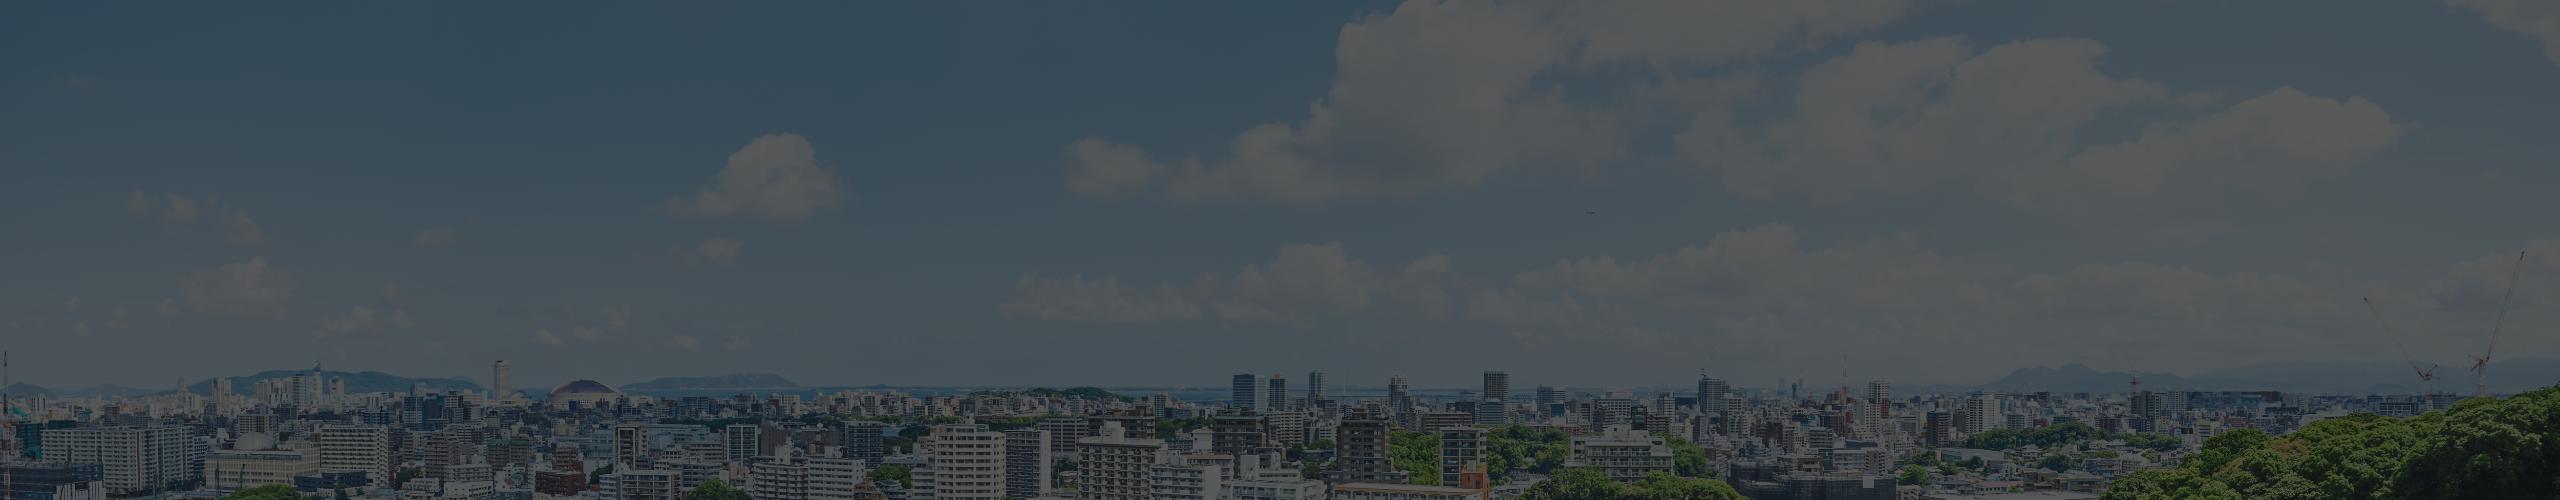 写真:青空と街の風景